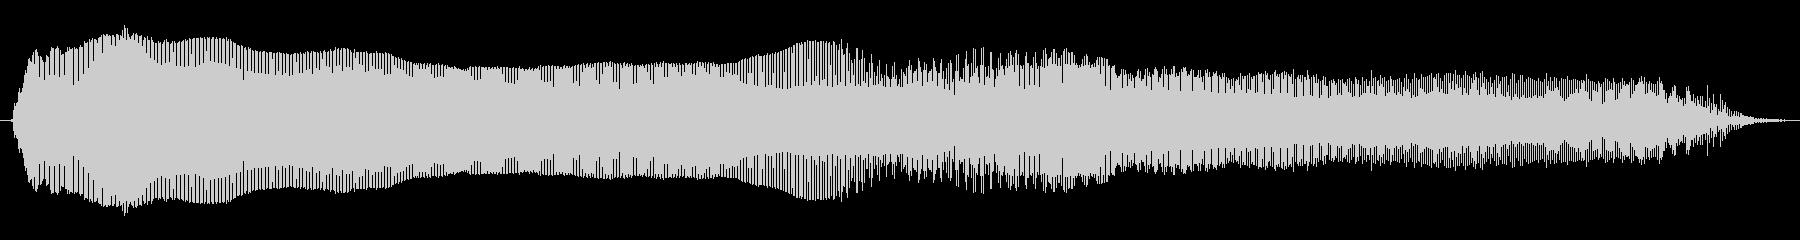 わああーー!(Type-E)の未再生の波形